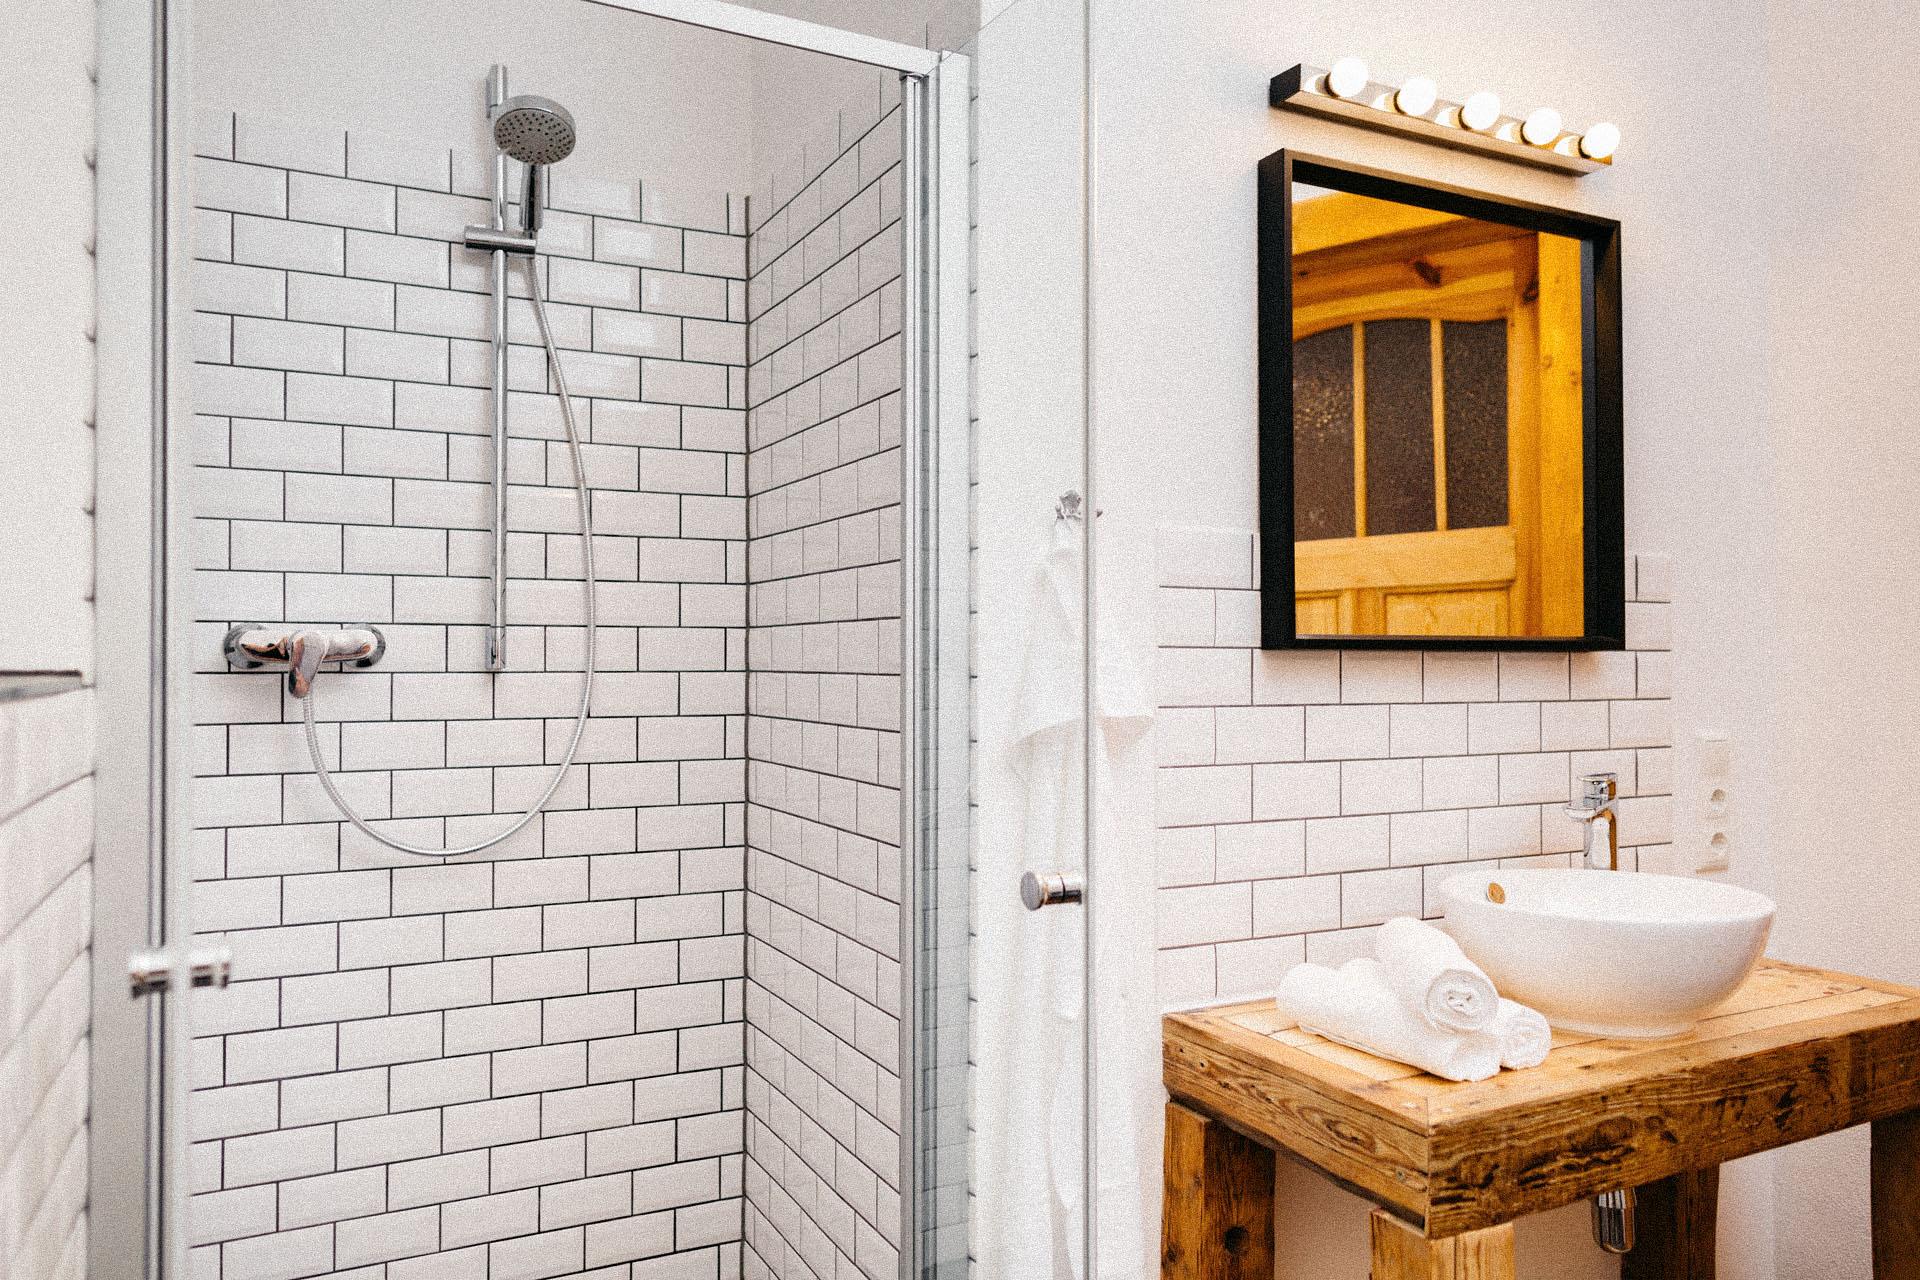 Helle Dusche in einer weißen Backsteinwand eingefasst mit einem großen Spiegel daneben und einem Schicken weißen Waschbecken auf Holz daneben